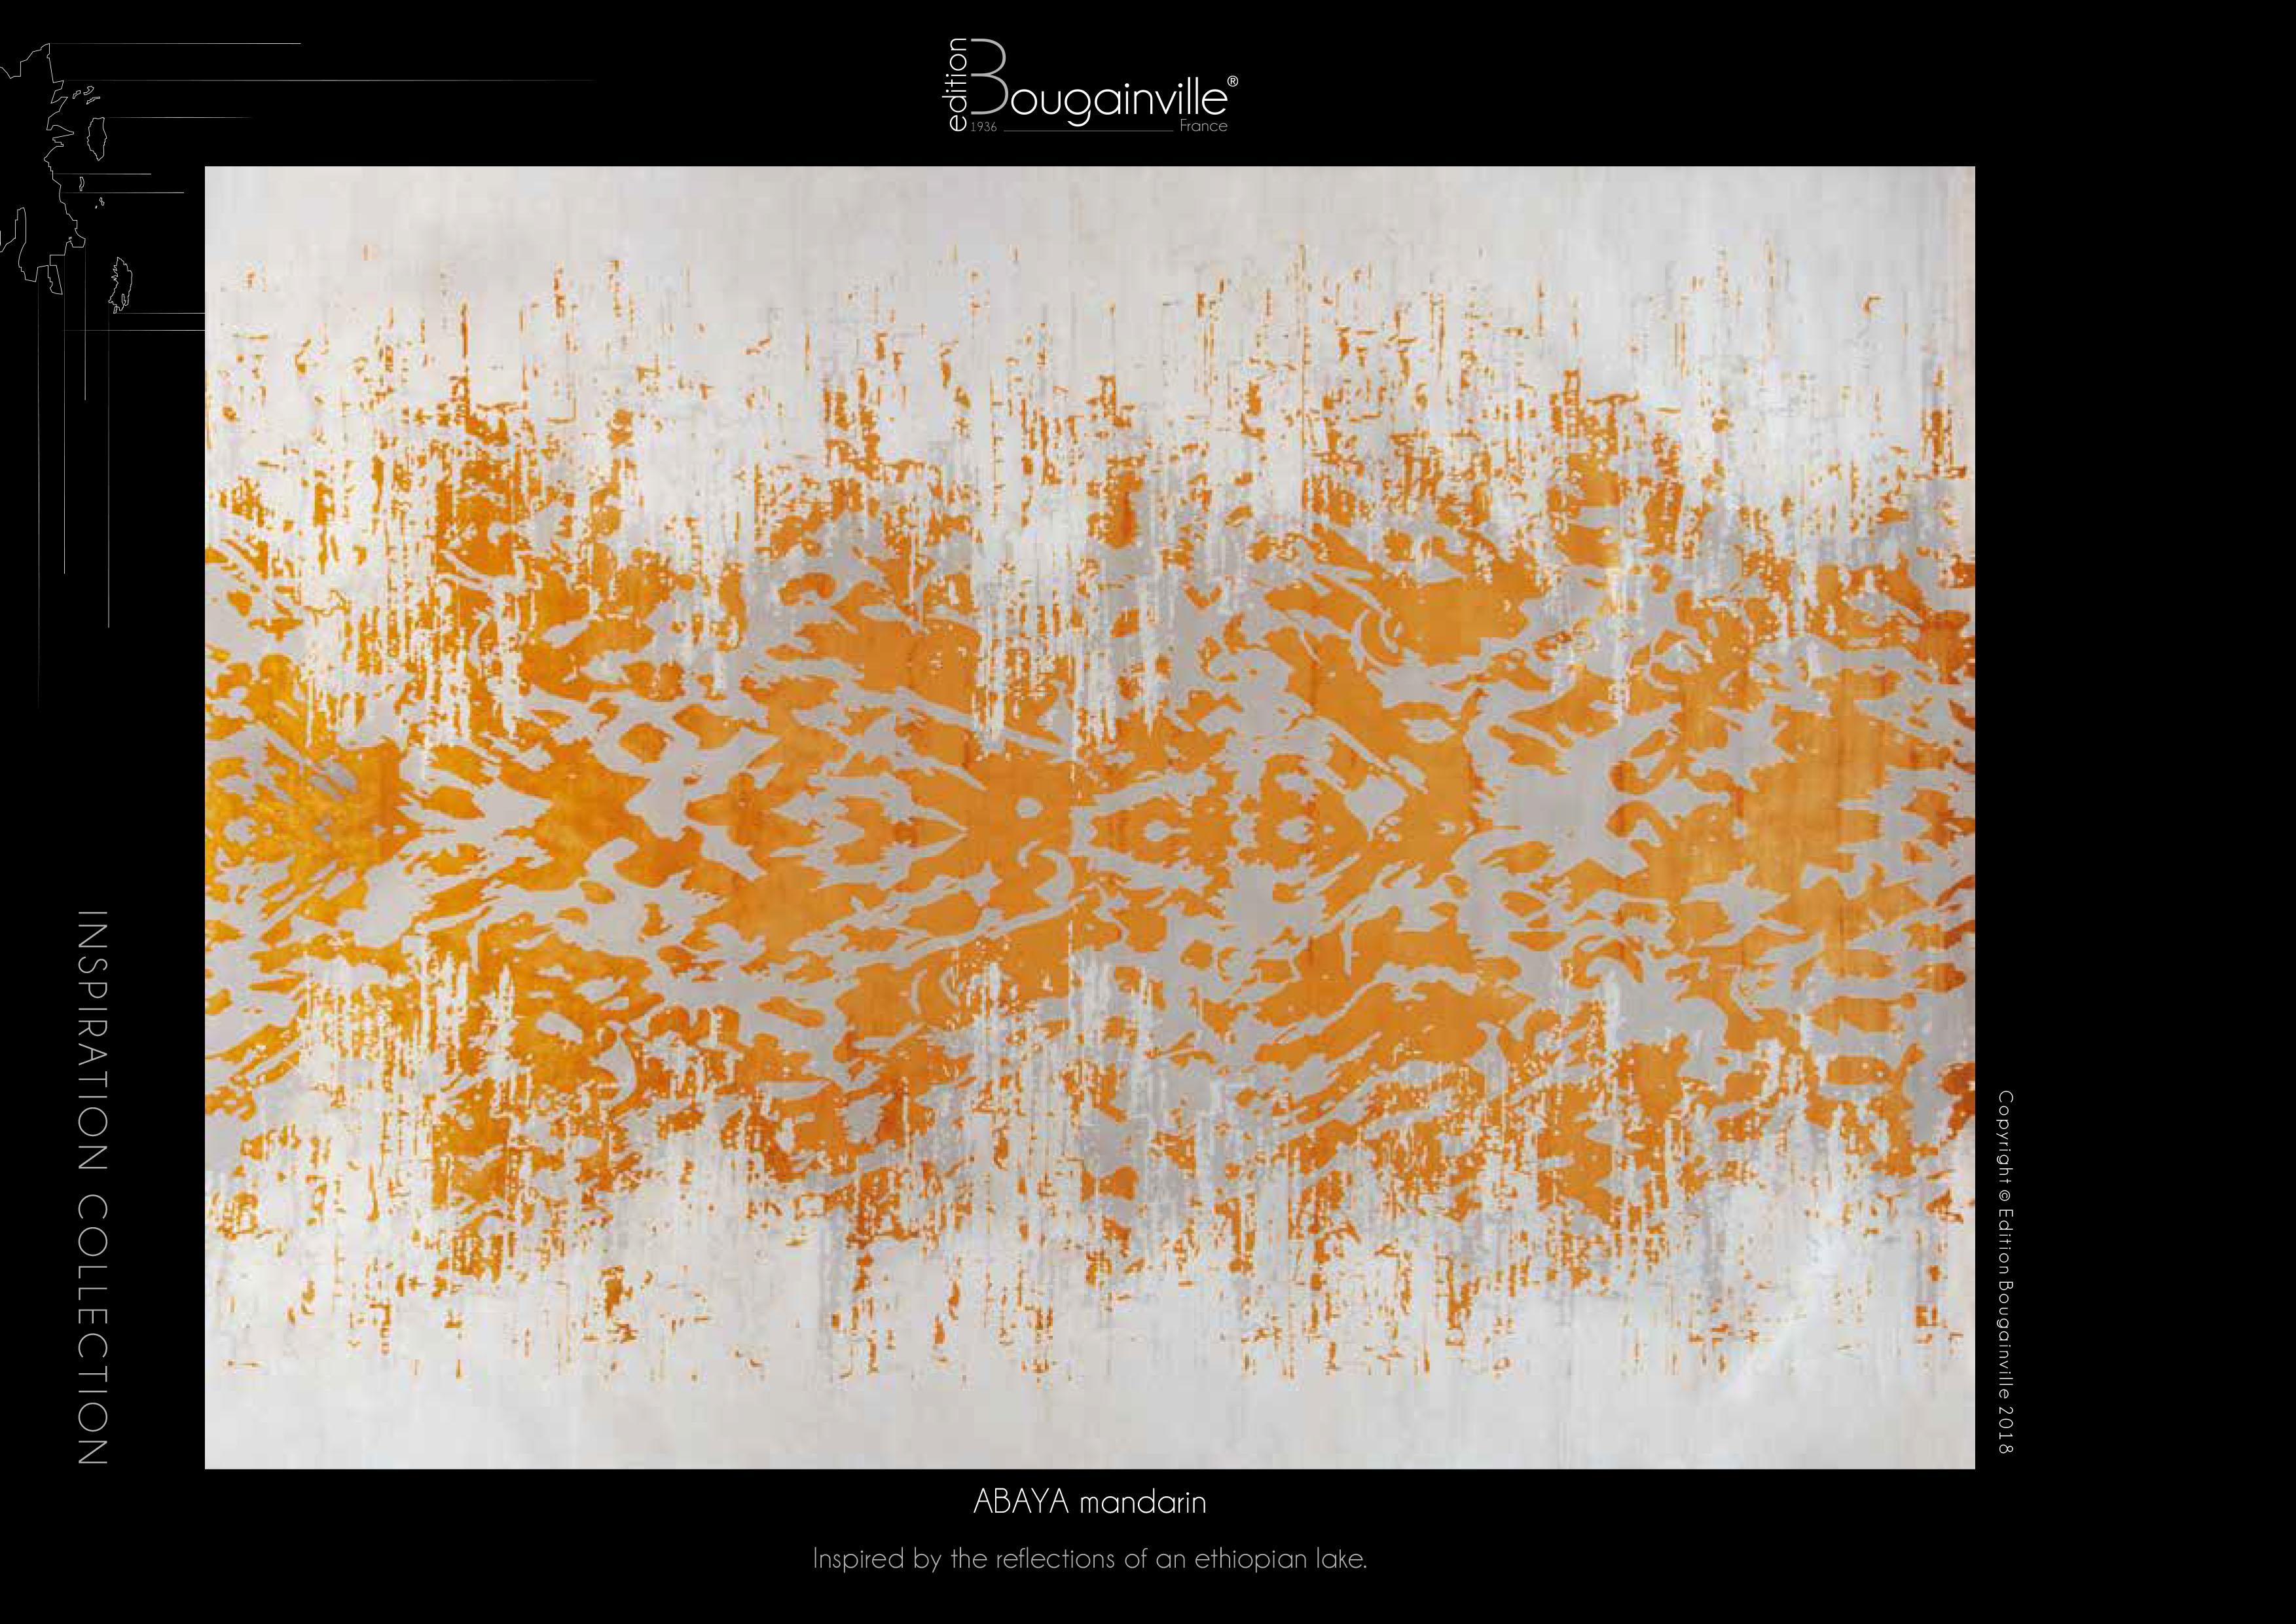 Ковер Edition Bougainville, ABAYA mandarin